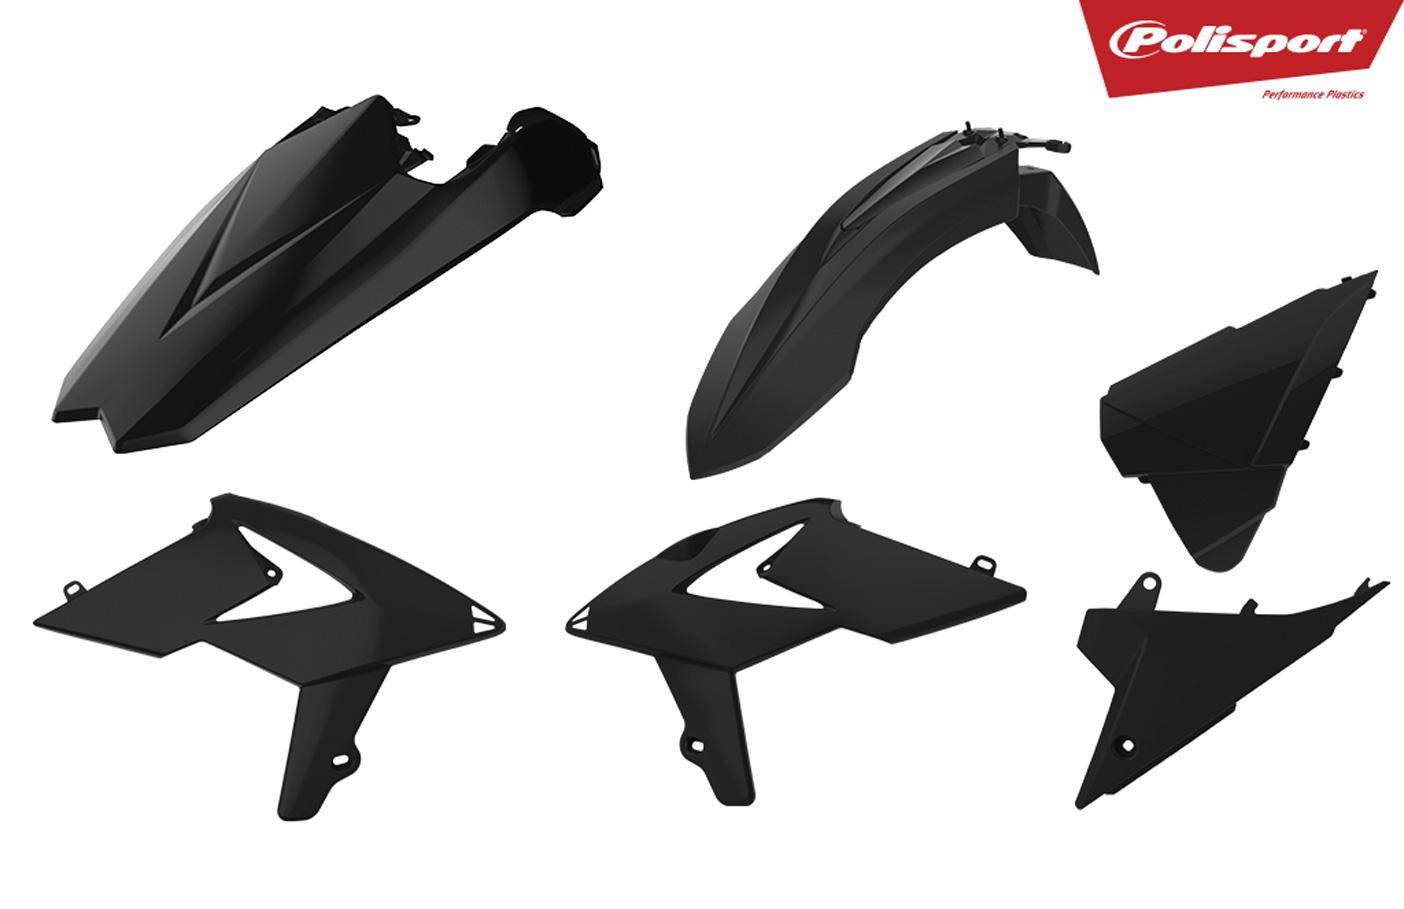 Plastikteile für deine Beta RR in schwarz, bestehend aus Frontkotflügel, Heckkotflügel, Tankspoiler und Seitenteilen